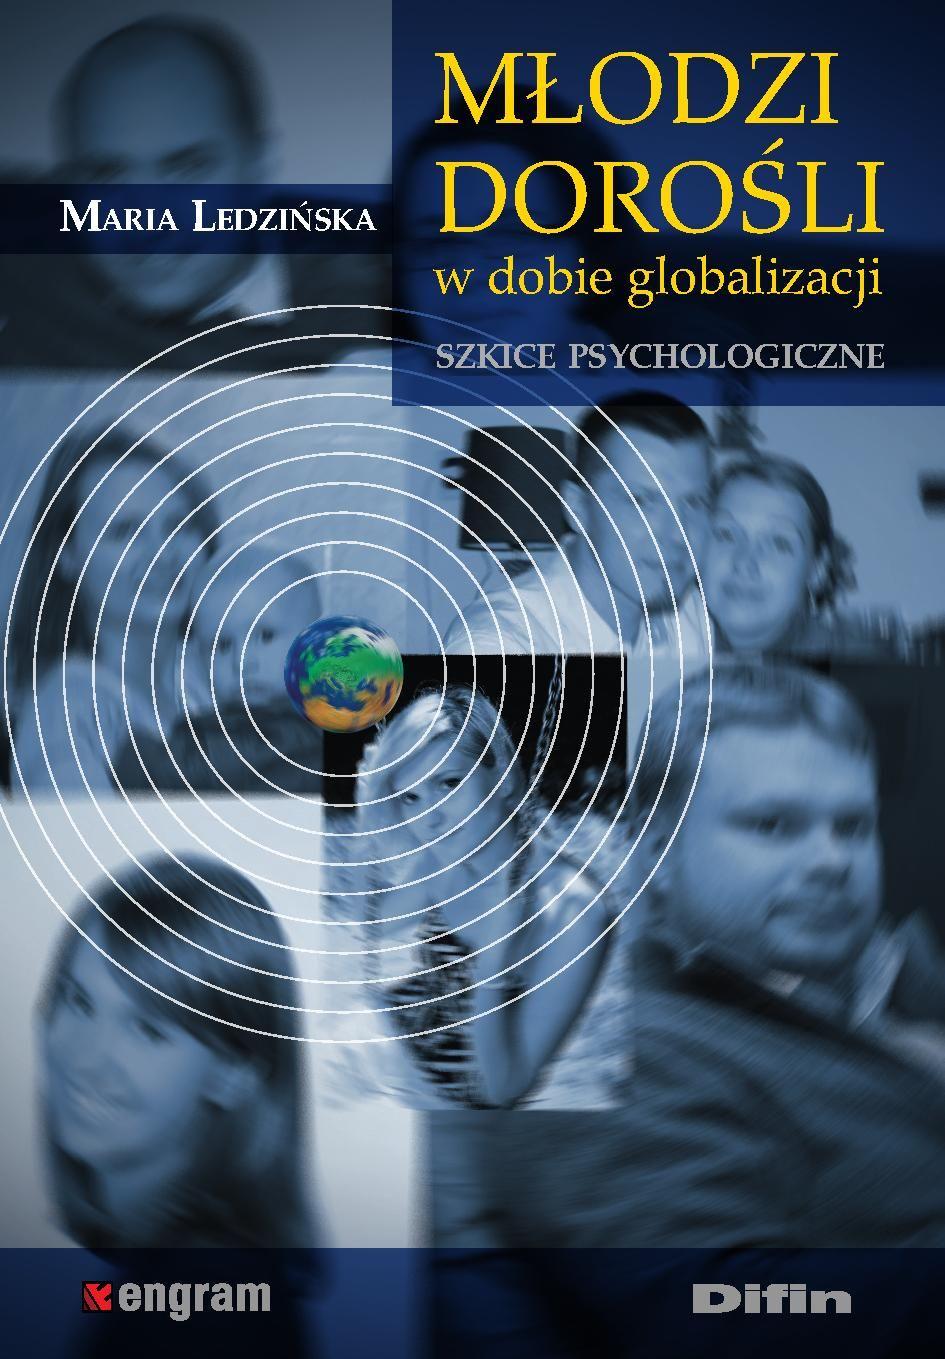 Młodzi dorośli w dobie globalizacji. Szkice psychologiczne - Ebook (Książka PDF) do pobrania w formacie PDF